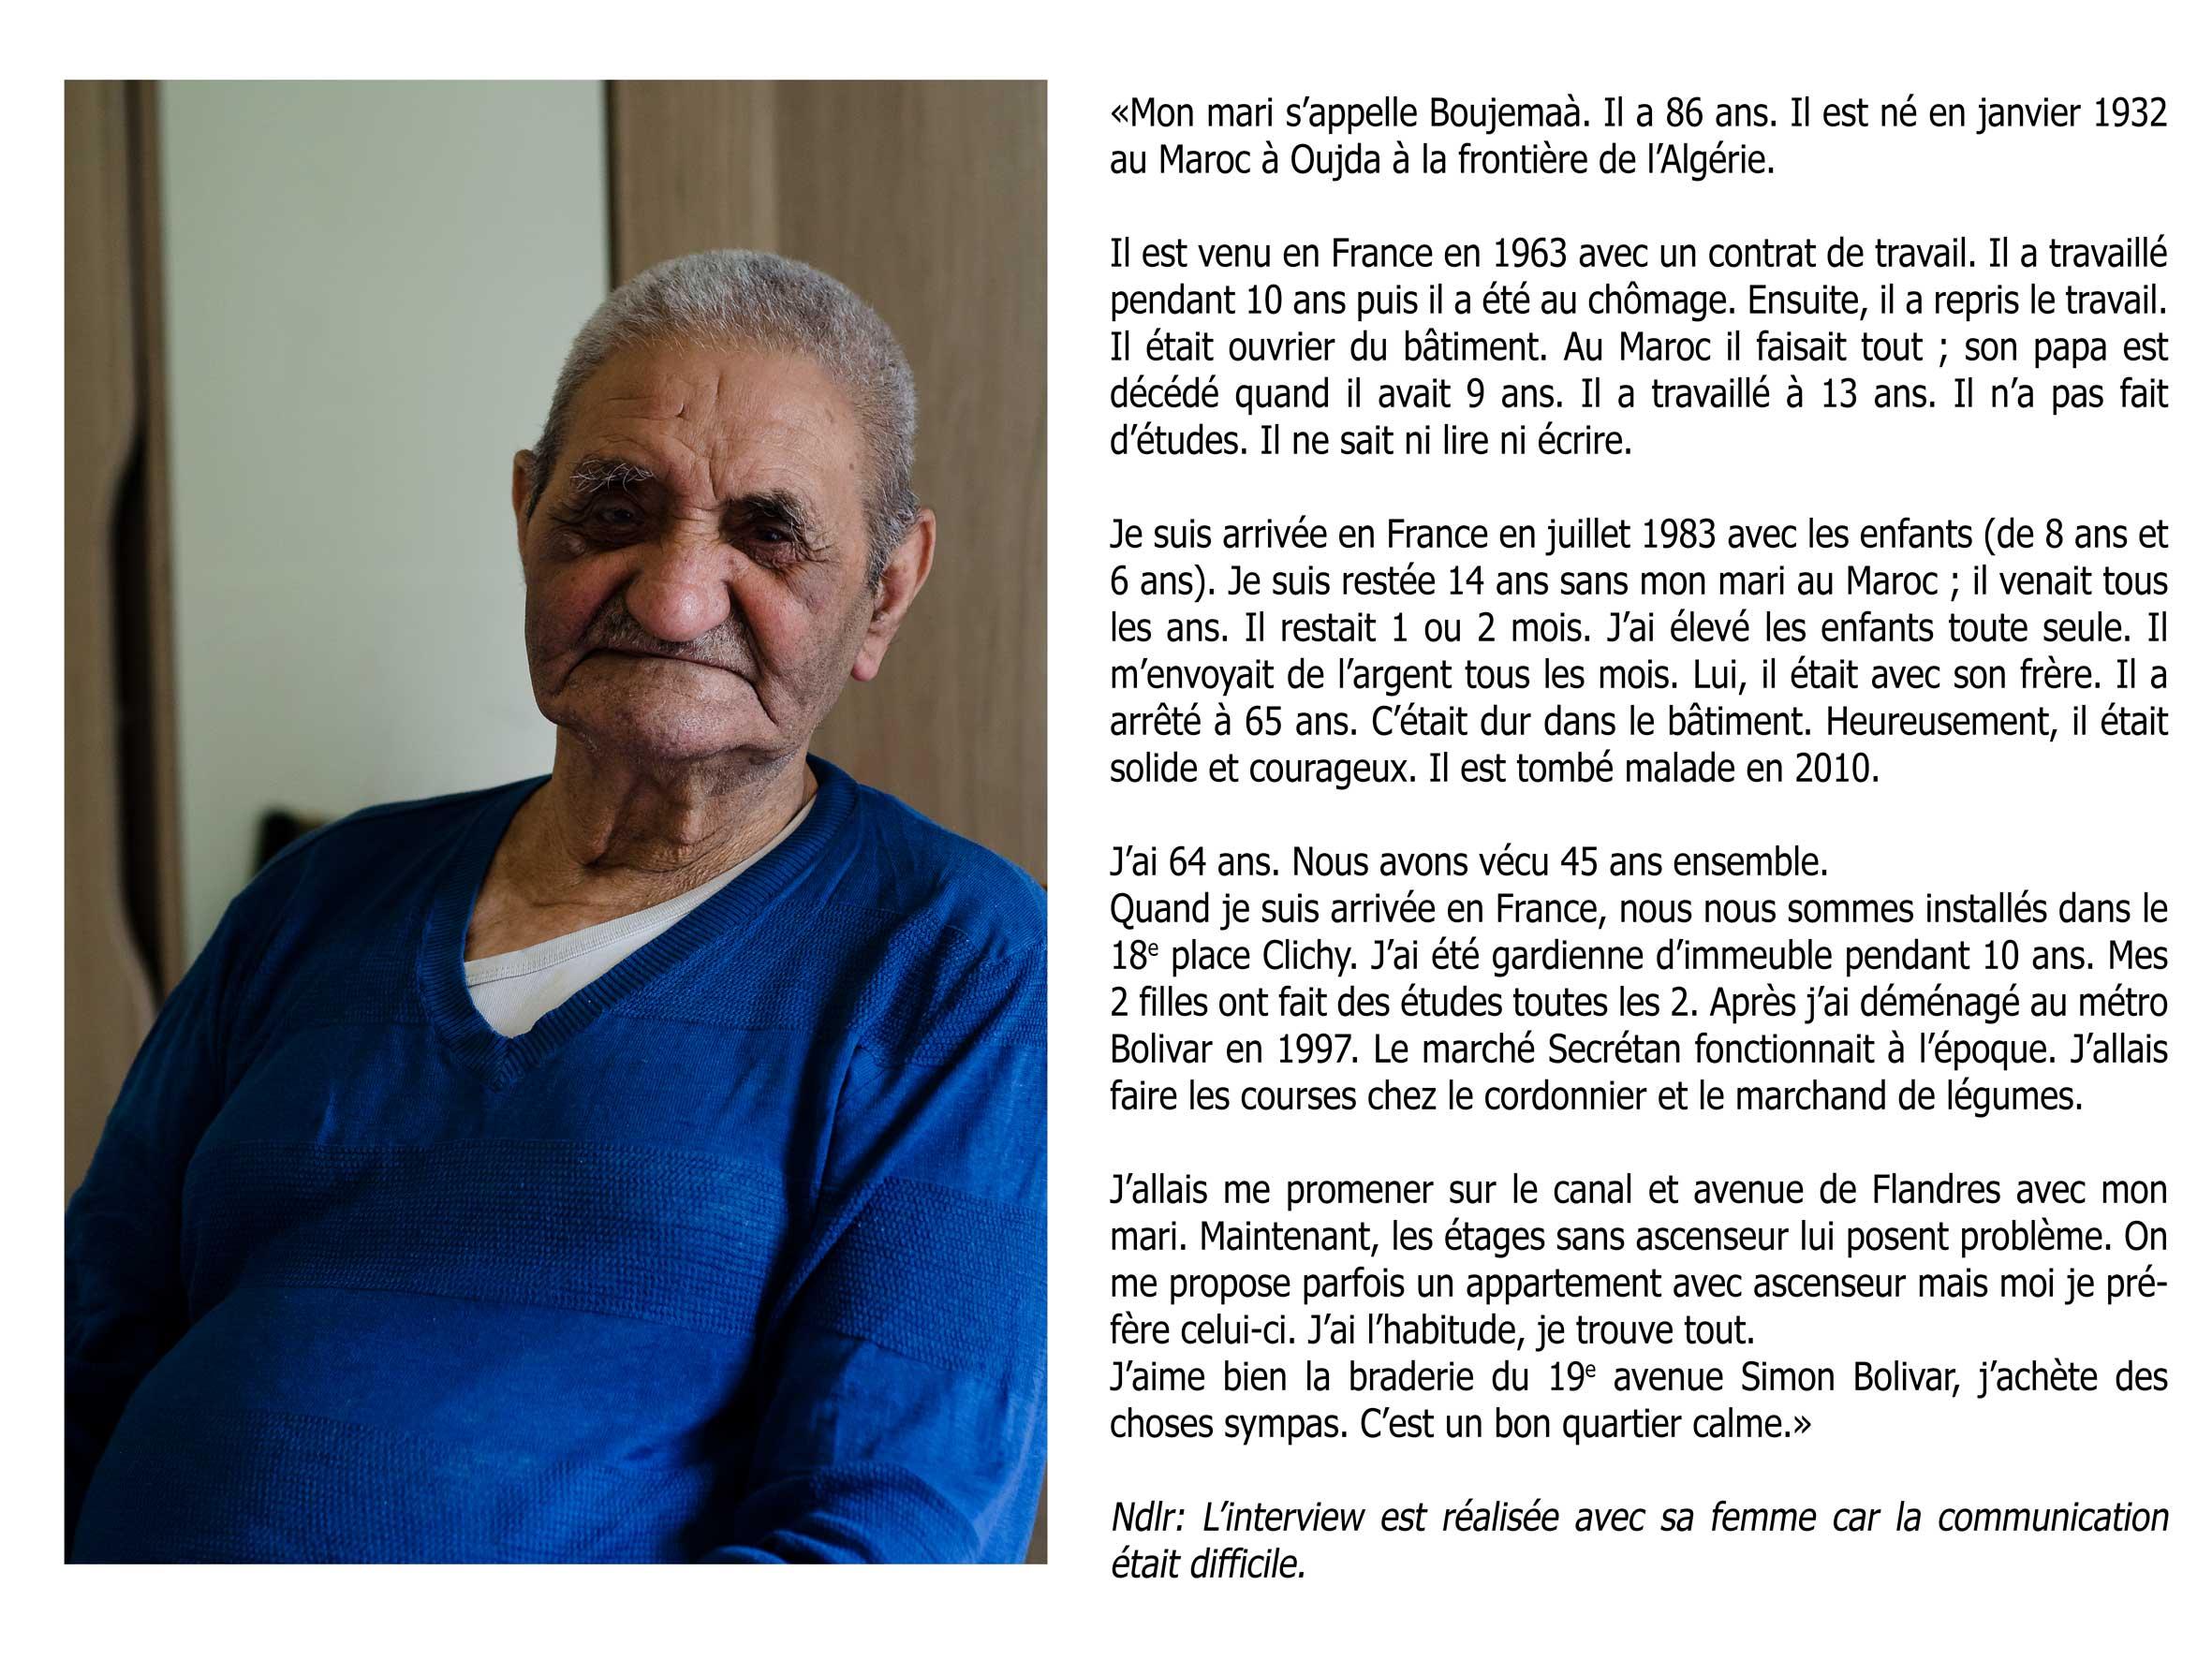 """Boujemaa - """"Ces voisins oubliés"""" - copyright Clément Szmulewicz"""